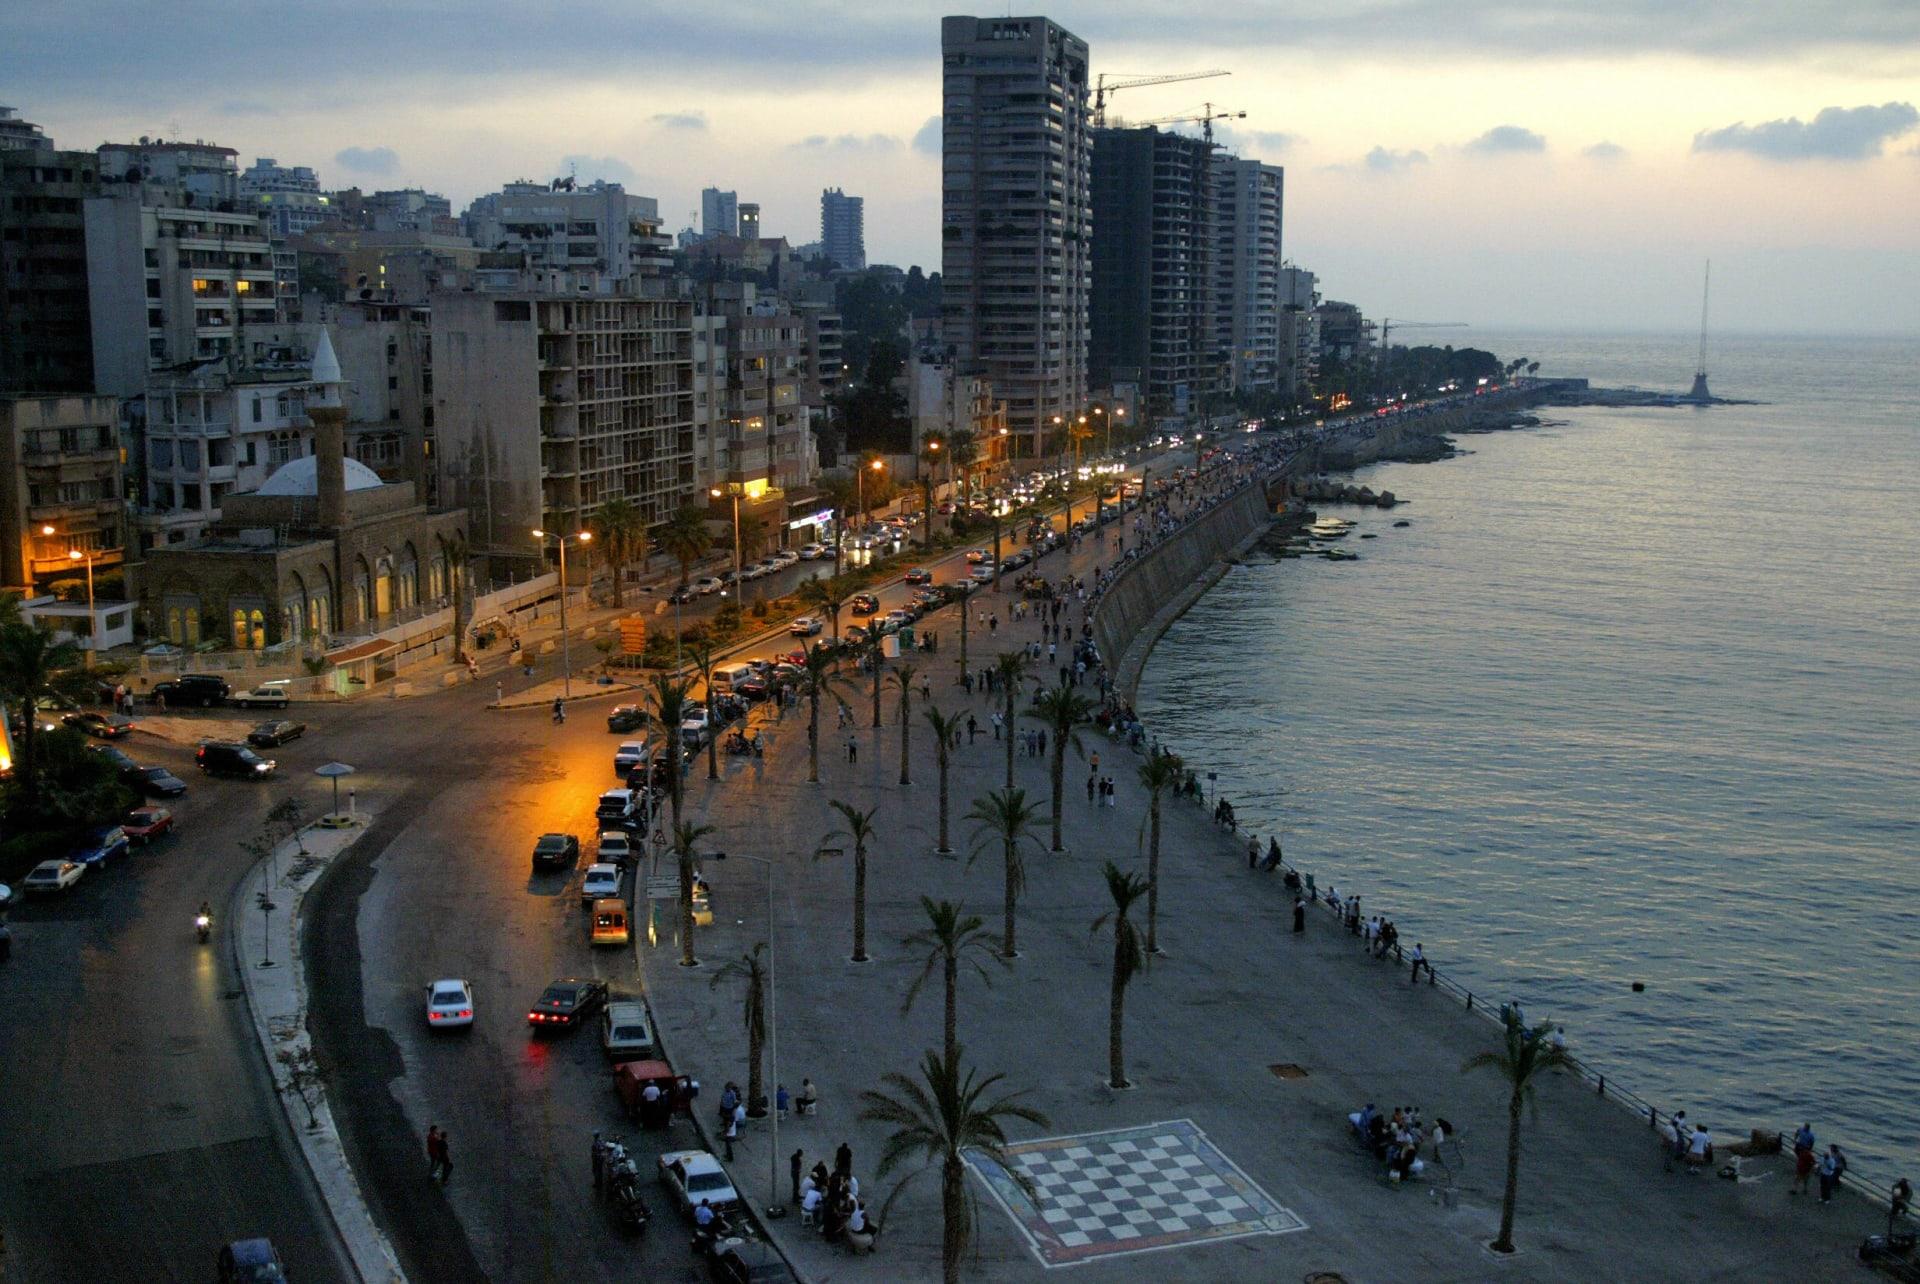 منظر عام من العاصمة اللبنانية، بيروت